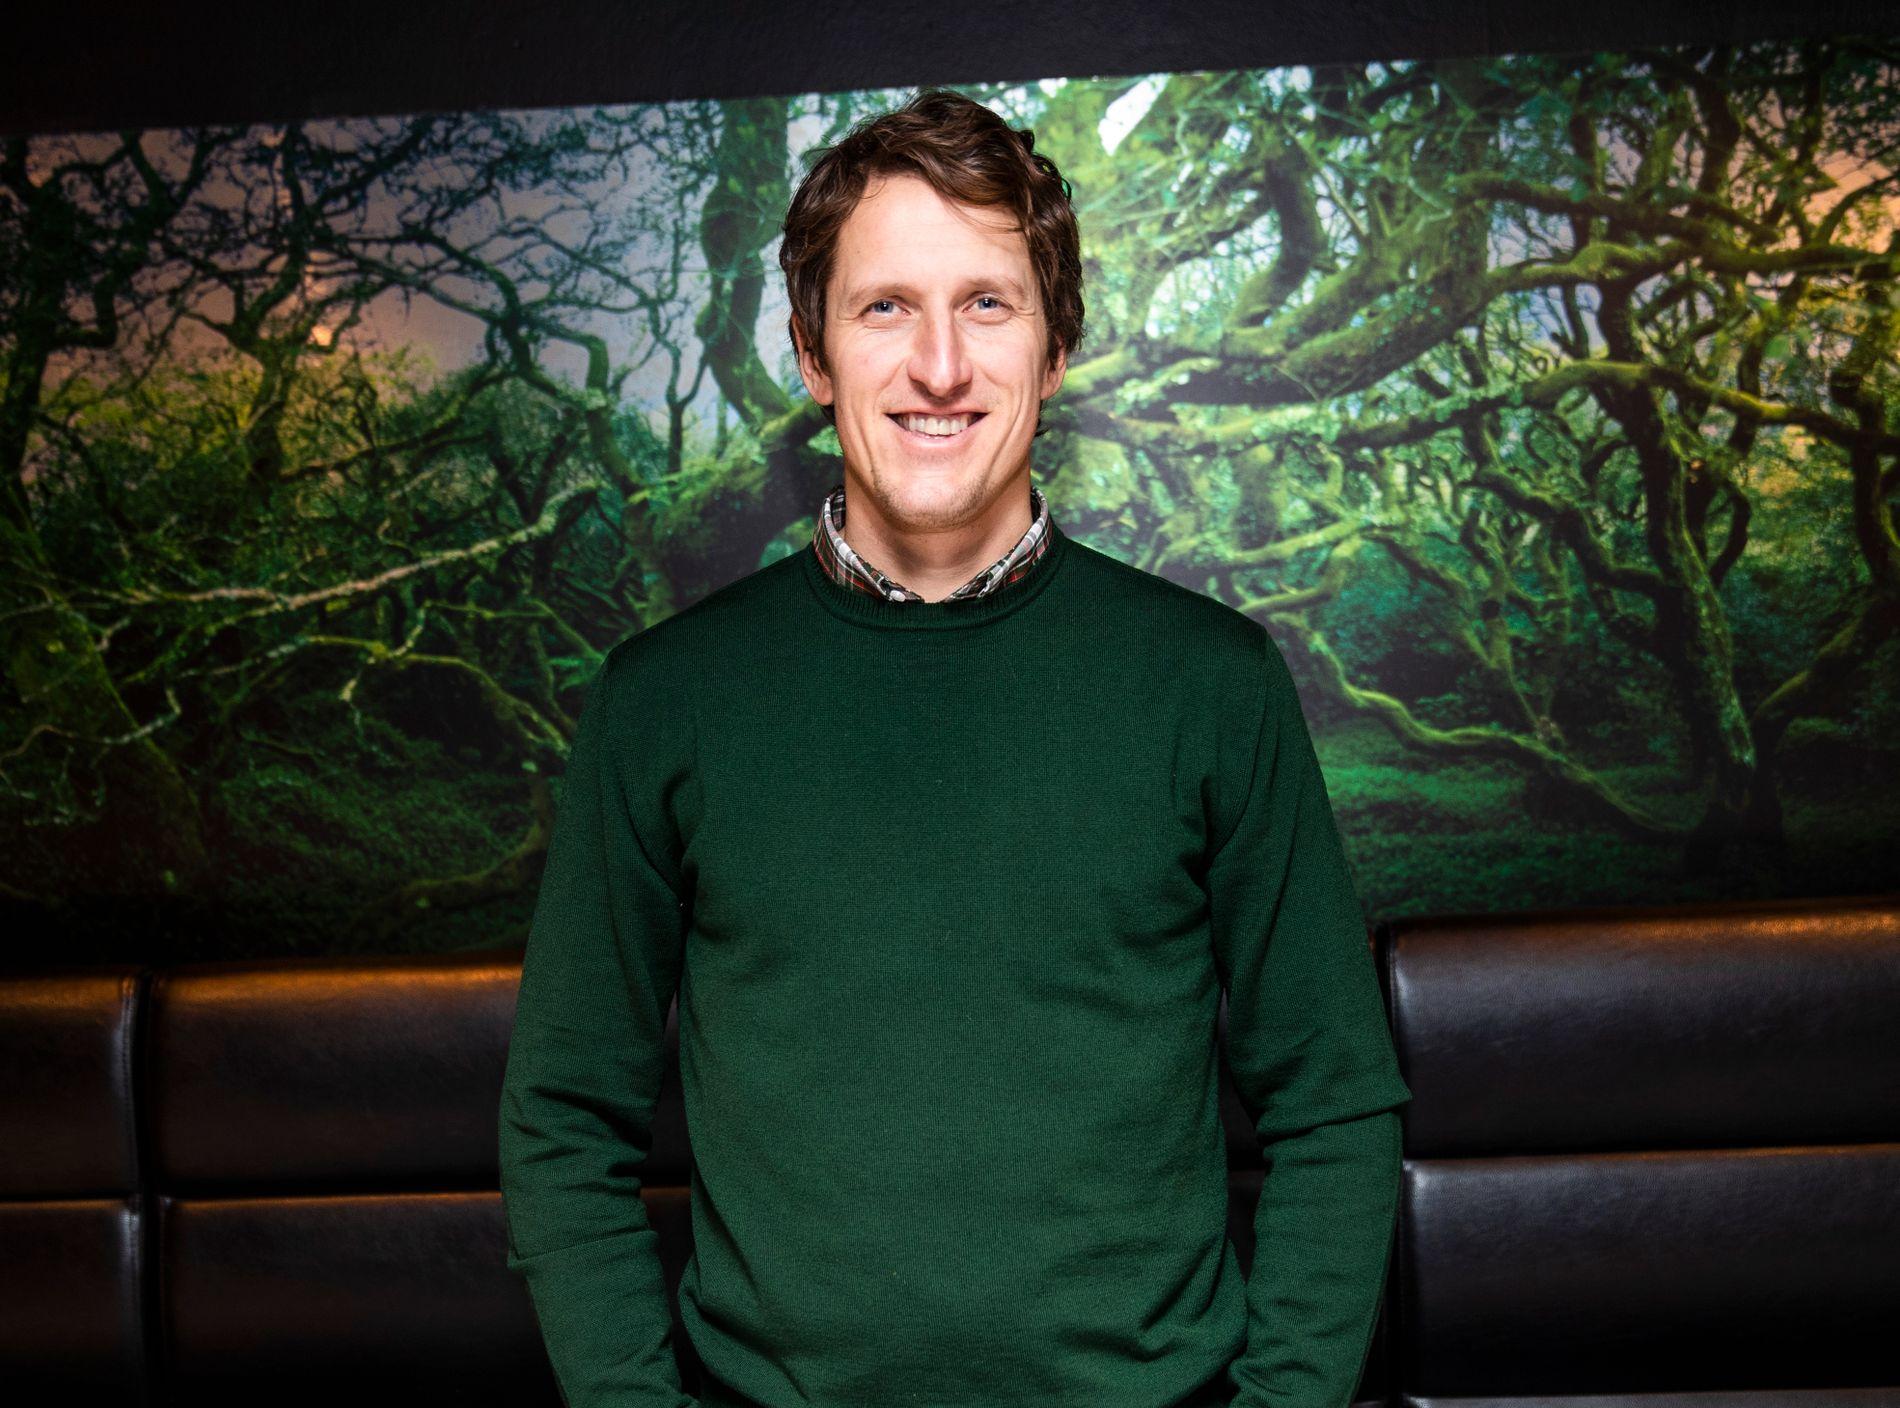 BUTIKKJOBB: Lars Berger har gått til en helt annen hverdag – nå jobber han på Spar.